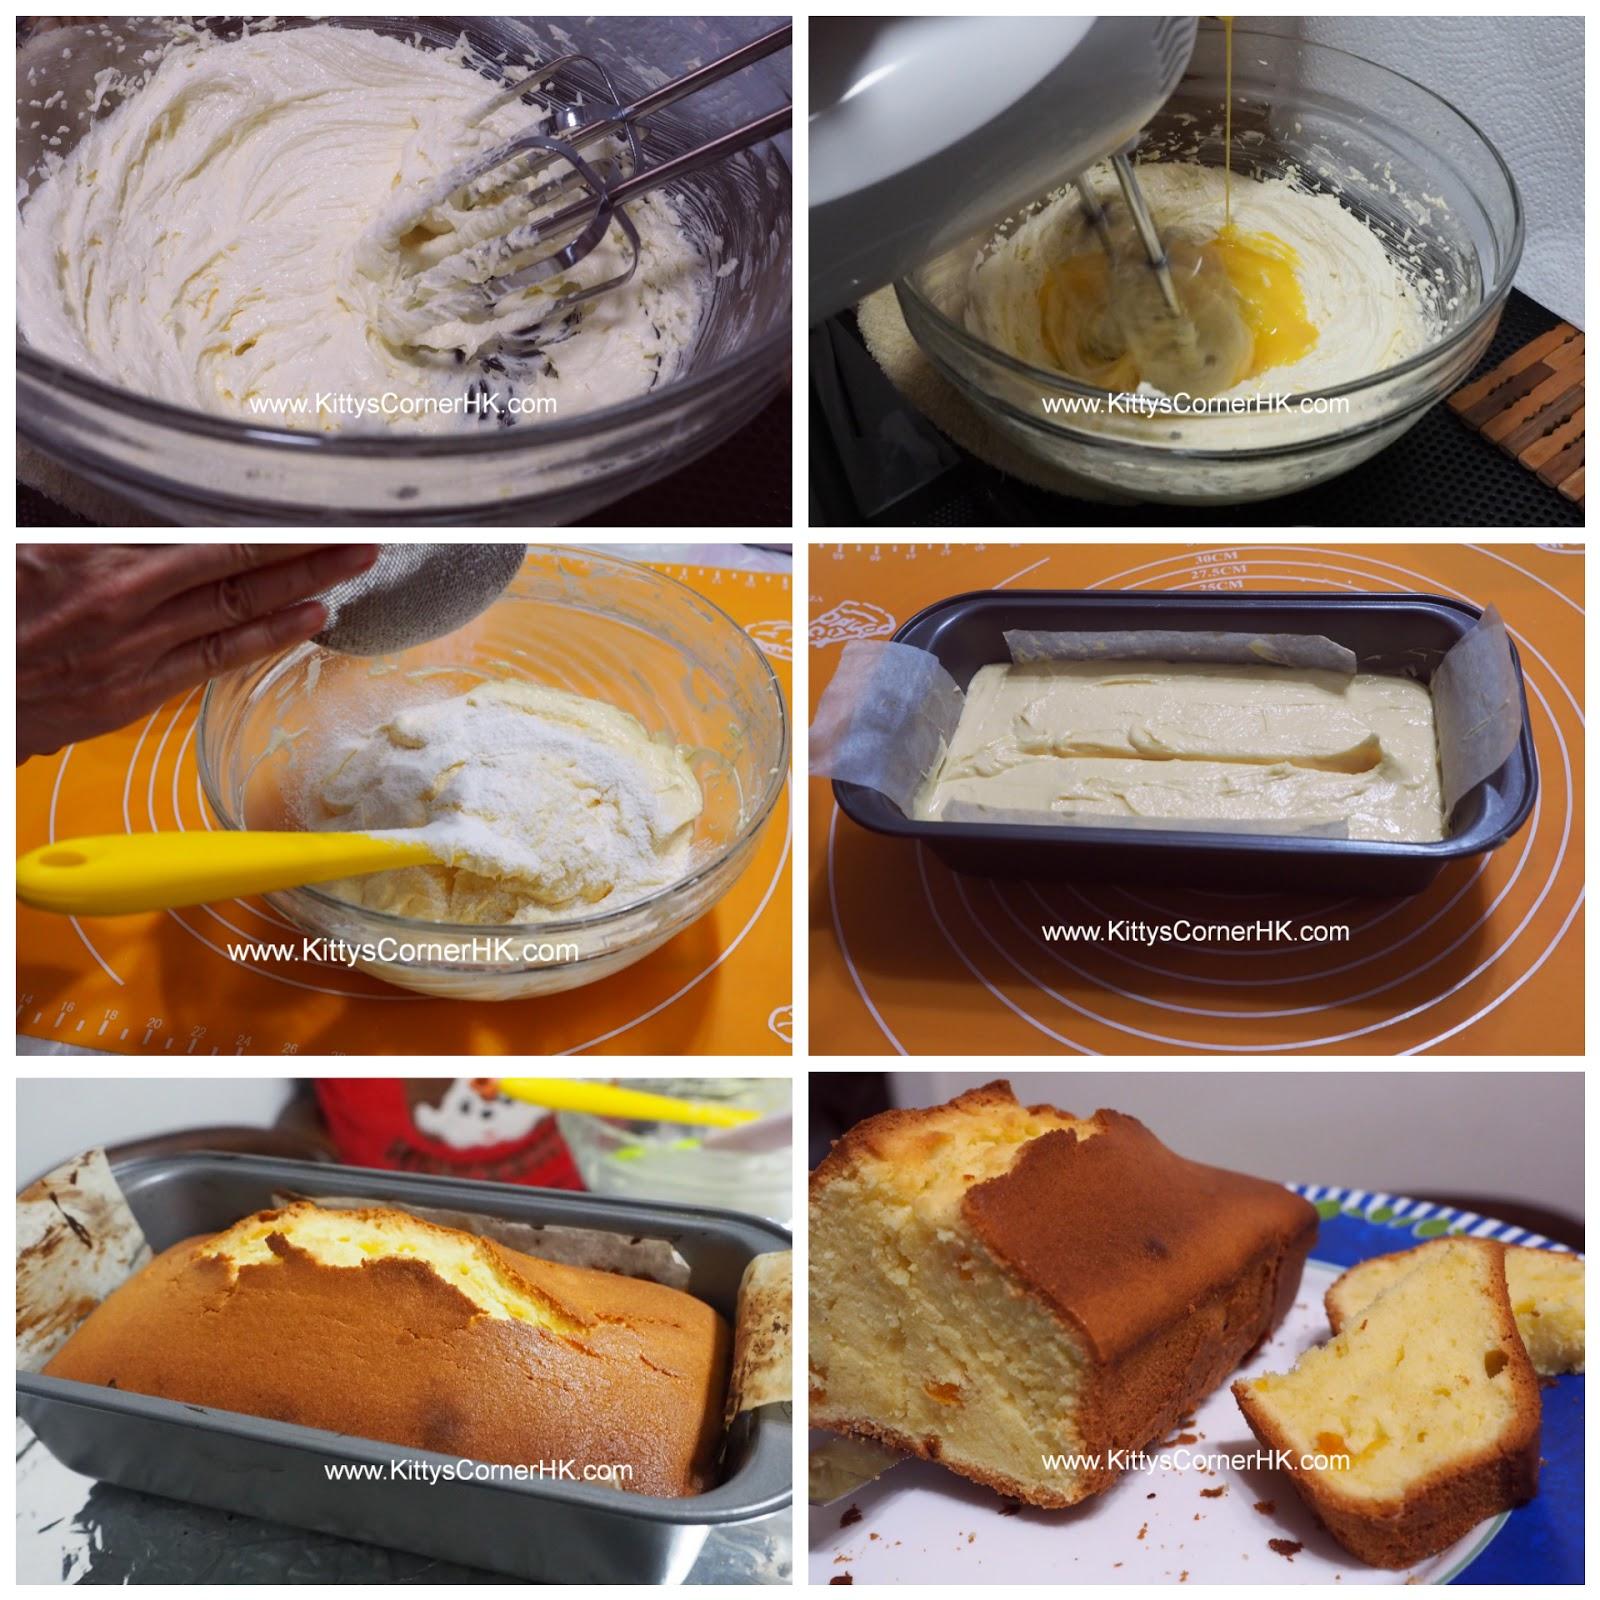 Pound Butter Cake with Milk DIY recipe 自家烘焙食譜